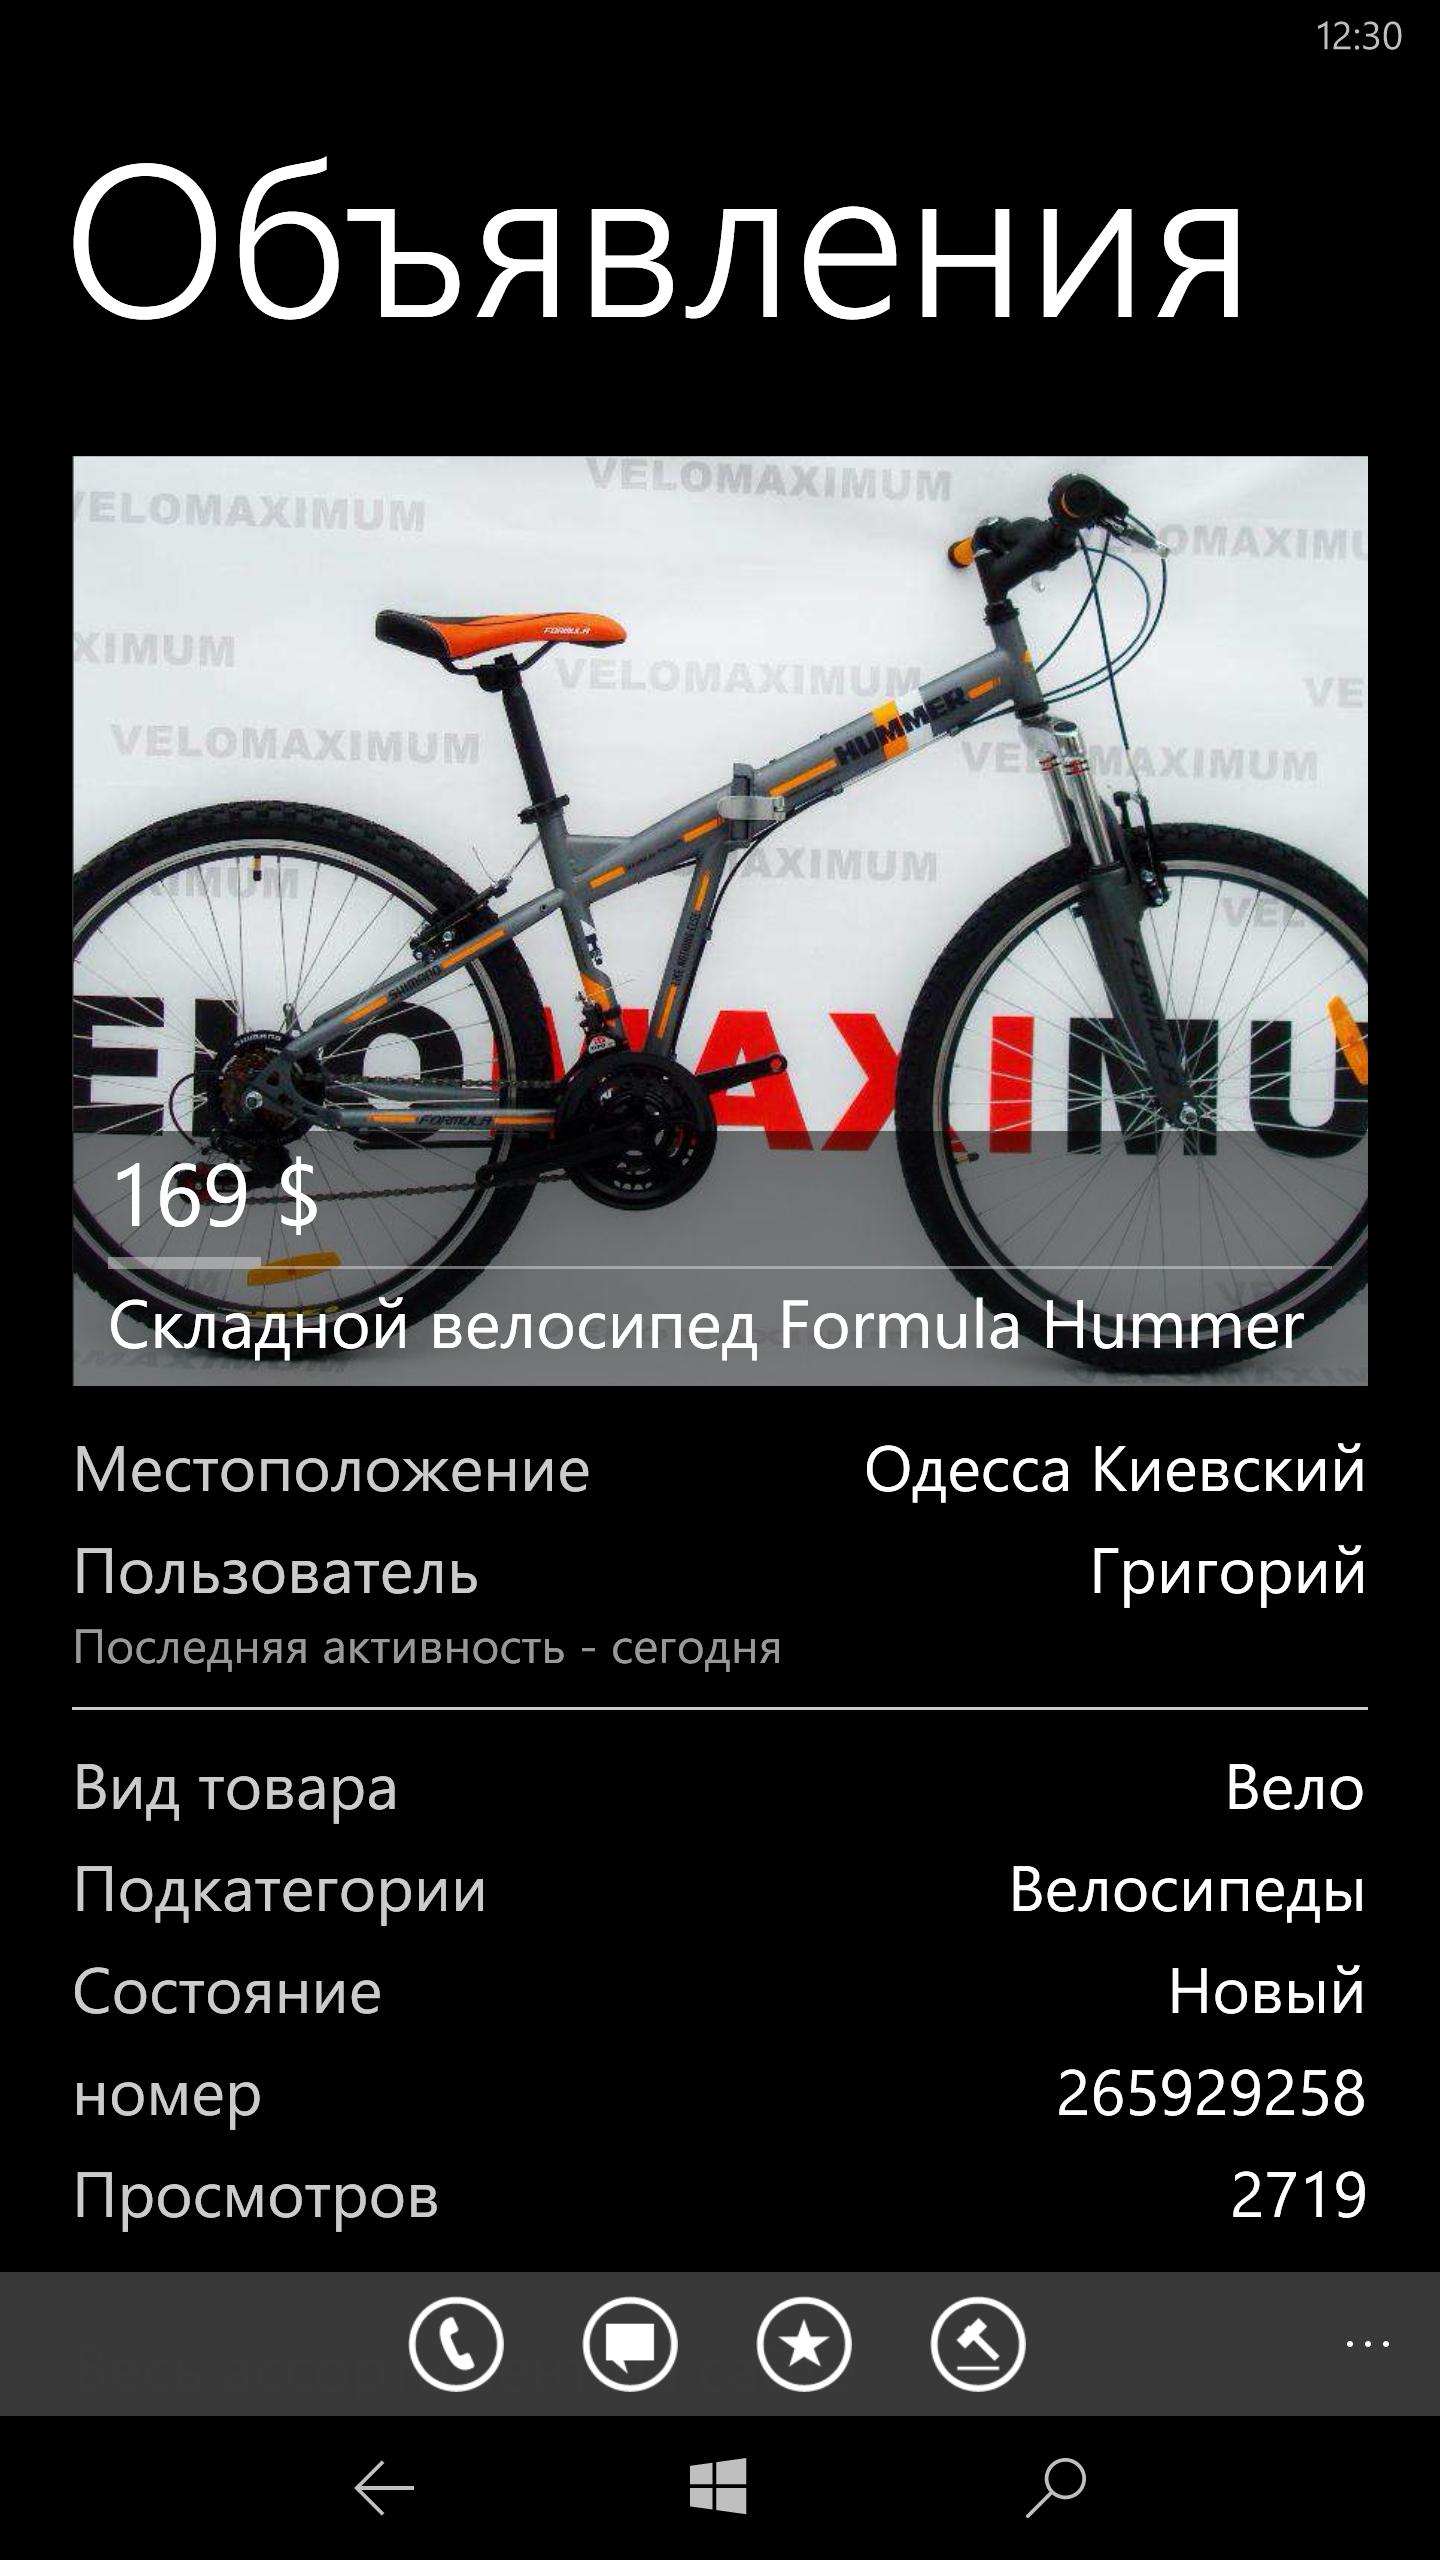 Olx for windows 10 — скачать.